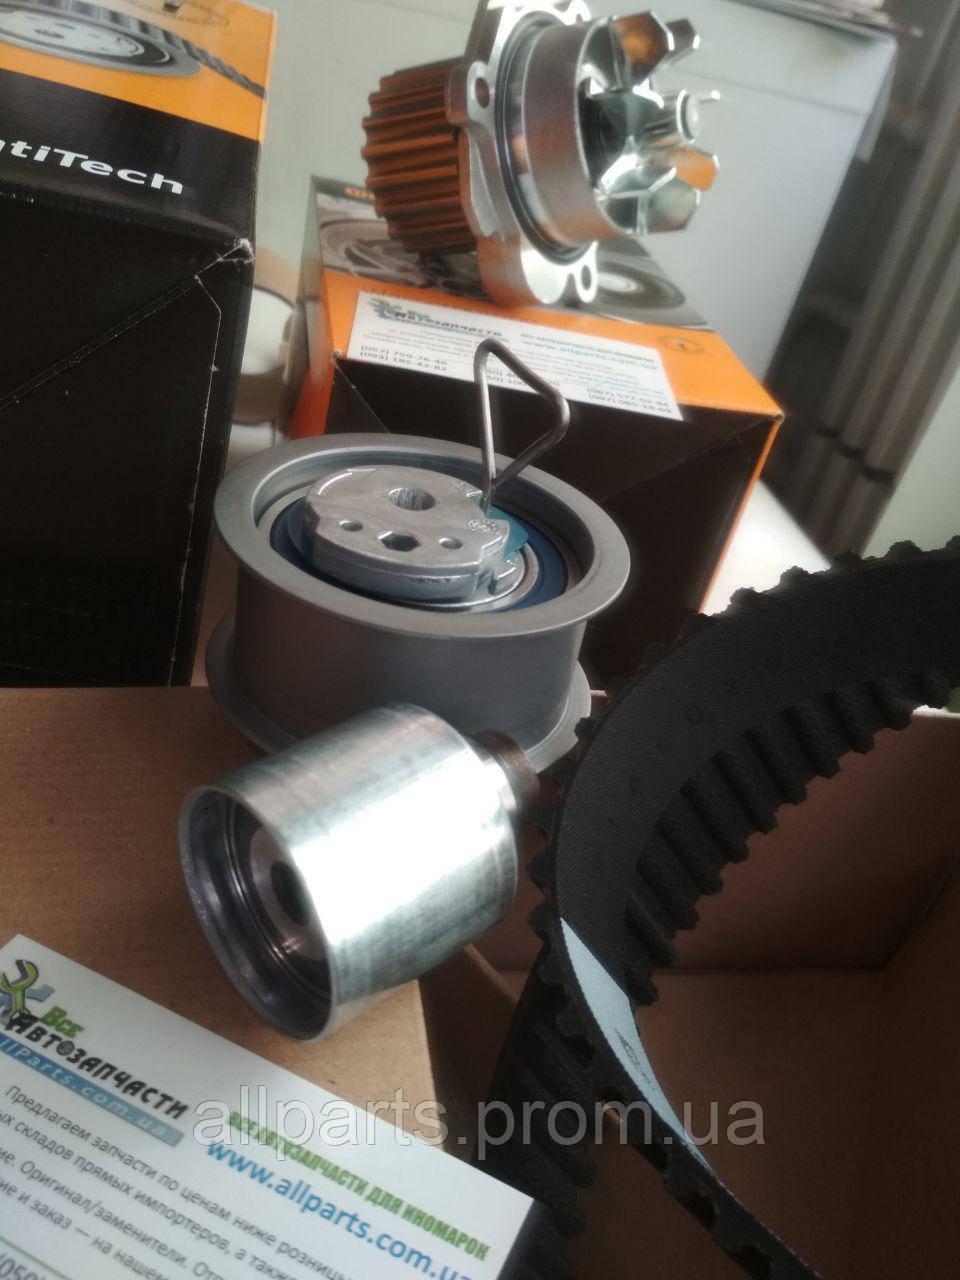 Contitech (Германия) - комплект ремня ГРМ, ролик натяжителя, ремень, помпа